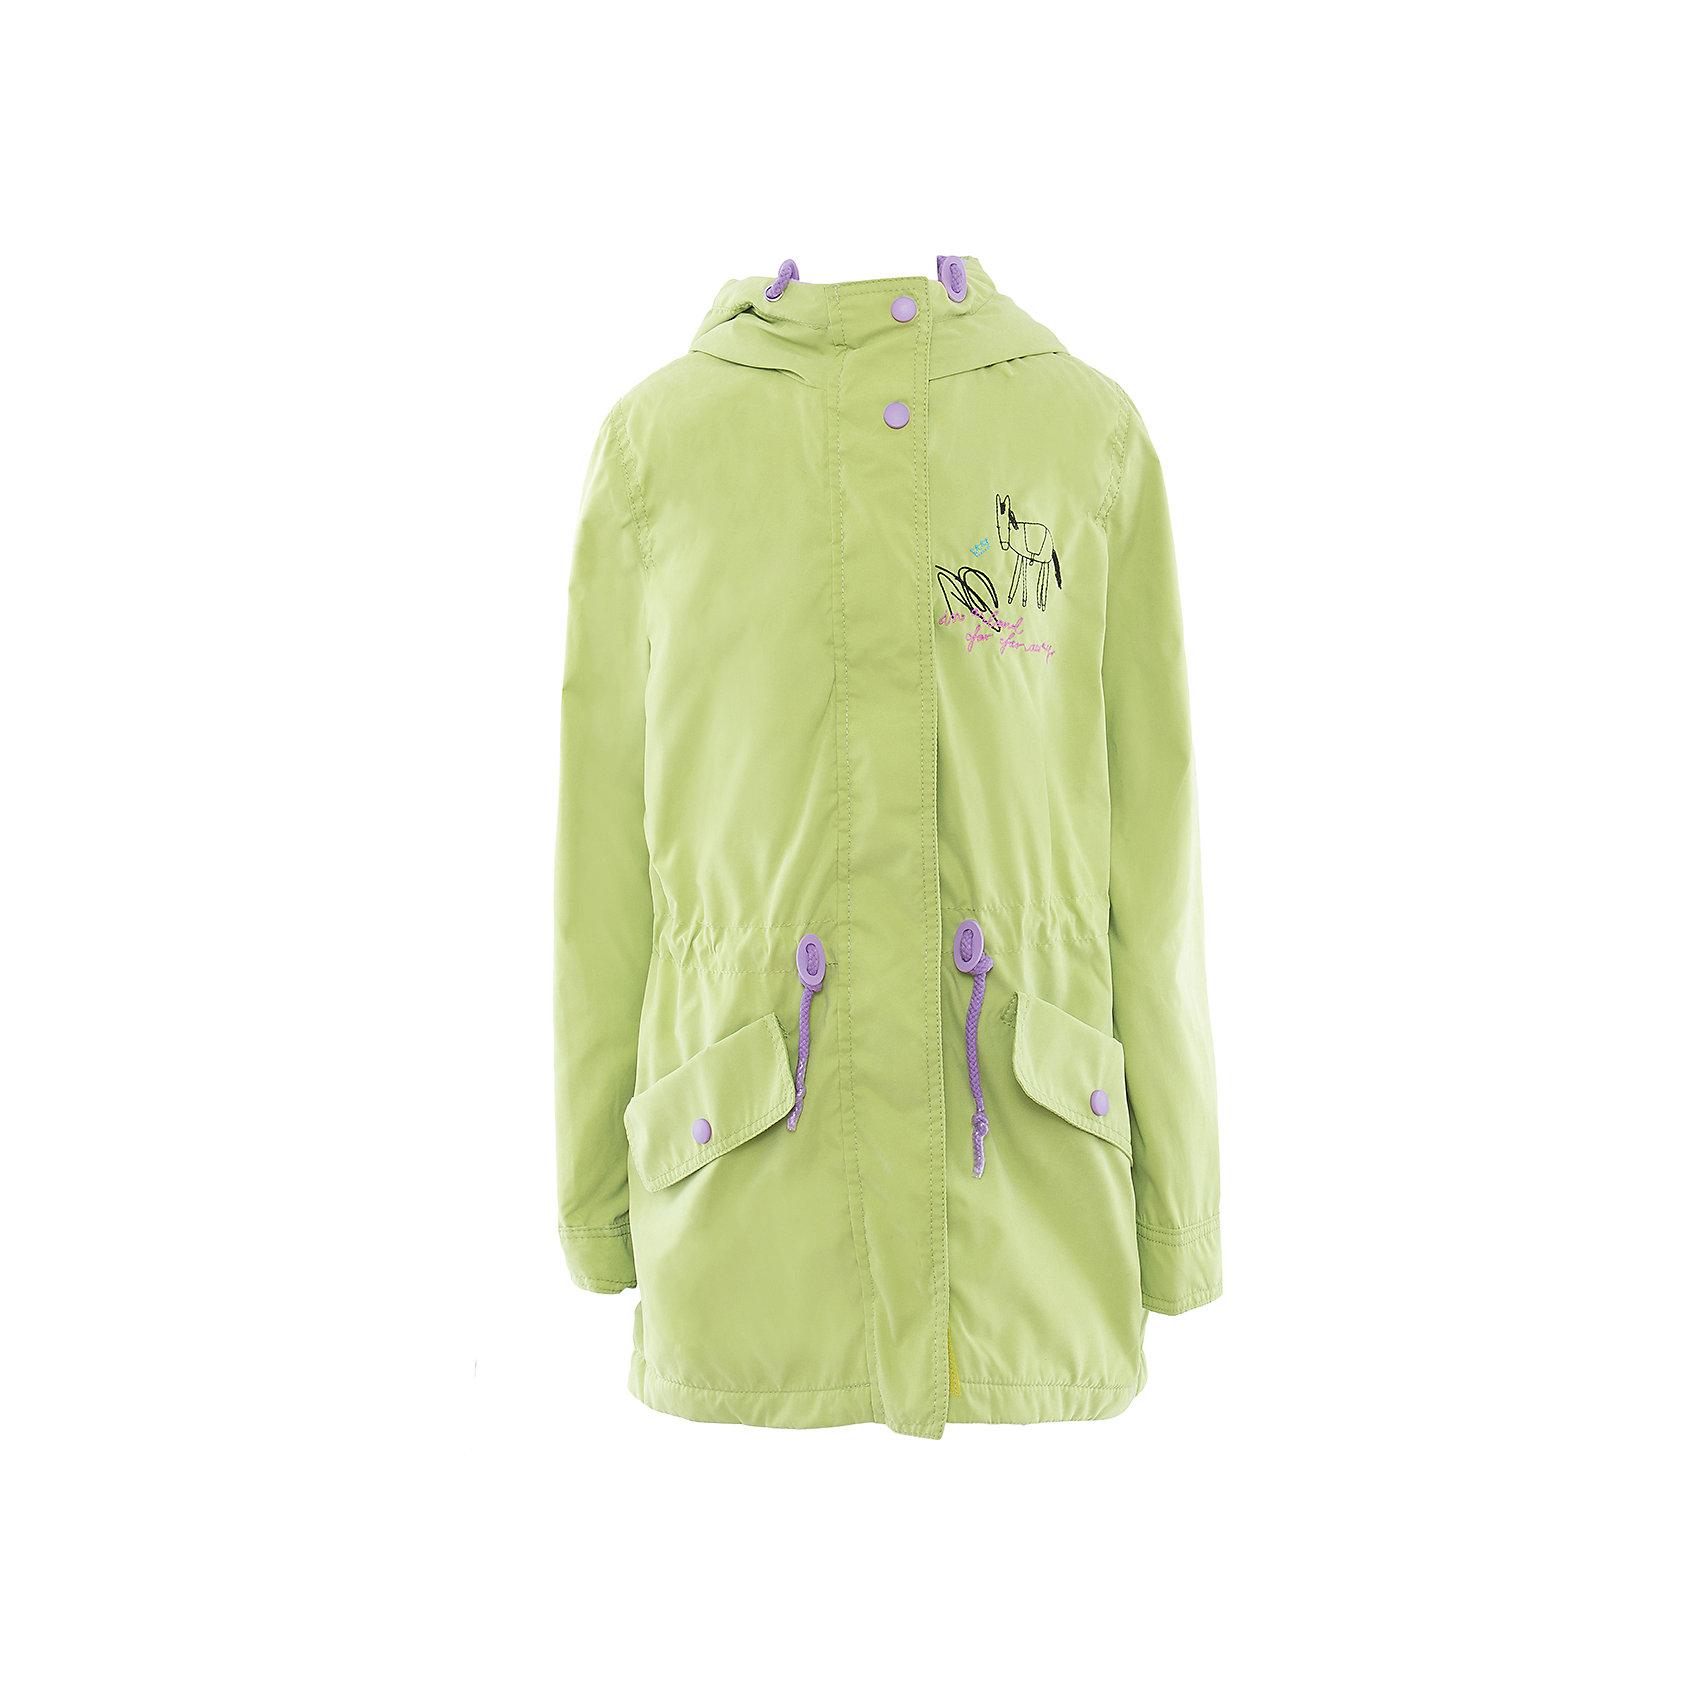 Куртка-парка для девочки BOOM by OrbyВерхняя одежда<br>Характеристики товара:<br><br>• цвет: зеленый<br>• состав: верх - таффета, подкладка - флис, ПЭ, без утеплителя<br>• температурный режим: от +7°до +15°С<br>• планка от ветра<br>• капюшон<br>• застежка - молния<br>• демисезонная<br>• карманы<br>• шнурок в поясе<br>• комфортная посадка<br>• страна производства: Российская Федерация<br>• страна бренда: Российская Федерация<br>• коллекция: весна-лето 2017<br><br>Одежда для детей должна быть особо комфортной! Такая курточка - отличный вариант для межсезонья с постоянно меняющейся погодой. Эта модель - модная и удобная одновременно! Изделие отличается стильным ярким дизайном. Куртка дополнена мягкой подкладкой. Вещь была разработана специально для малышей.<br><br>Одежда от российского бренда BOOM by Orby уже завоевала популярностью у многих детей и их родителей. Вещи, выпускаемые компанией, качественные, продуманные и очень удобные. Для производства коллекций используются только безопасные для детей материалы. Спешите приобрести модели из новой коллекции Весна-лето 2017! <br><br>Куртку-парку для девочки от бренда BOOM by Orby можно купить в нашем интернет-магазине.<br><br>Ширина мм: 356<br>Глубина мм: 10<br>Высота мм: 245<br>Вес г: 519<br>Цвет: зеленый<br>Возраст от месяцев: 144<br>Возраст до месяцев: 156<br>Пол: Женский<br>Возраст: Детский<br>Размер: 158,116,122,128,134,140,146,152<br>SKU: 5343001